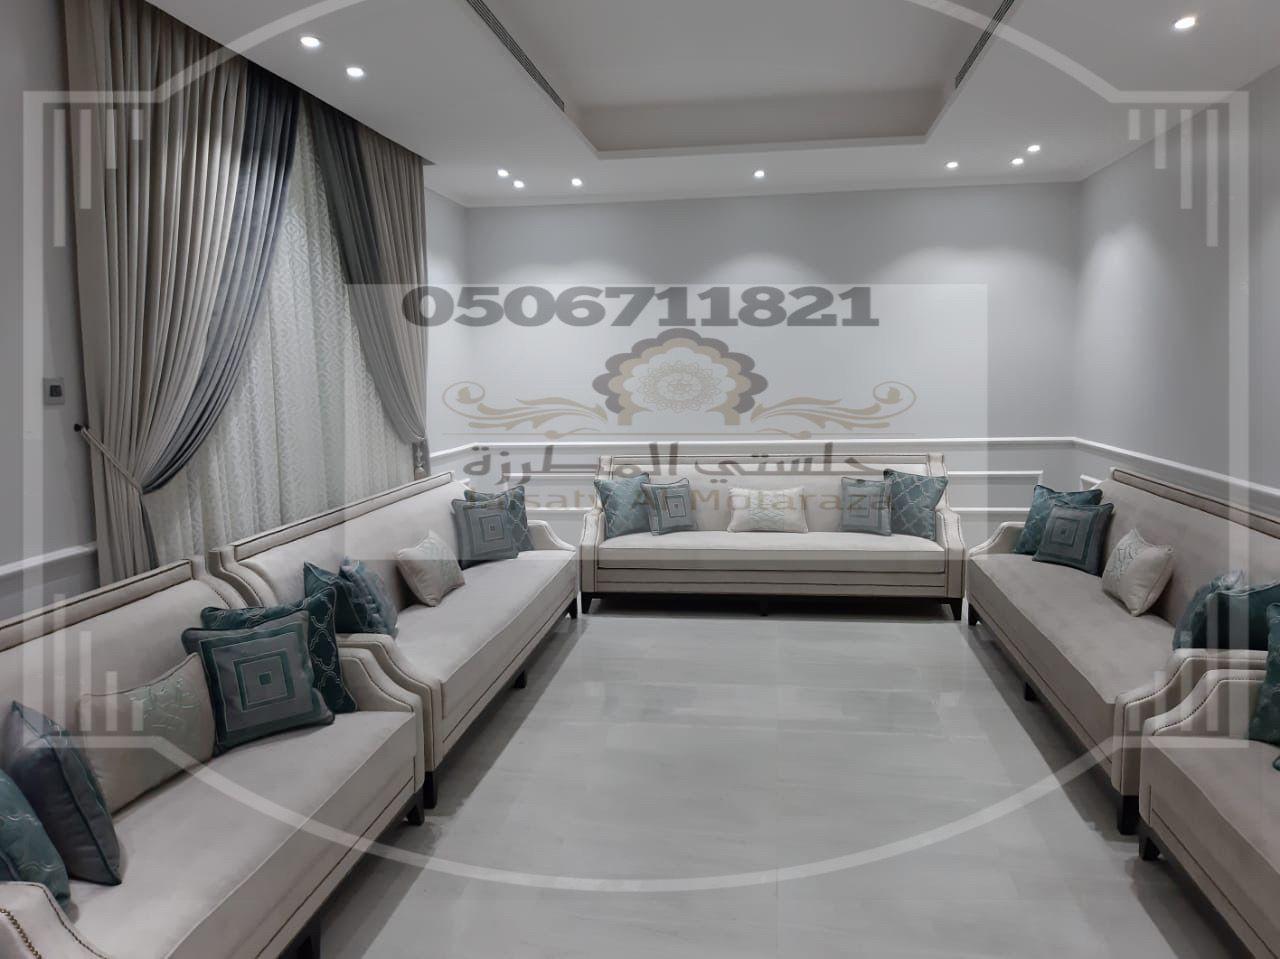 كنب مودرن روعة من تصميم وتنفيذ جلستي المطرزة Blue Bedroom Decor Living Room Decor Modern Home Decor Furniture